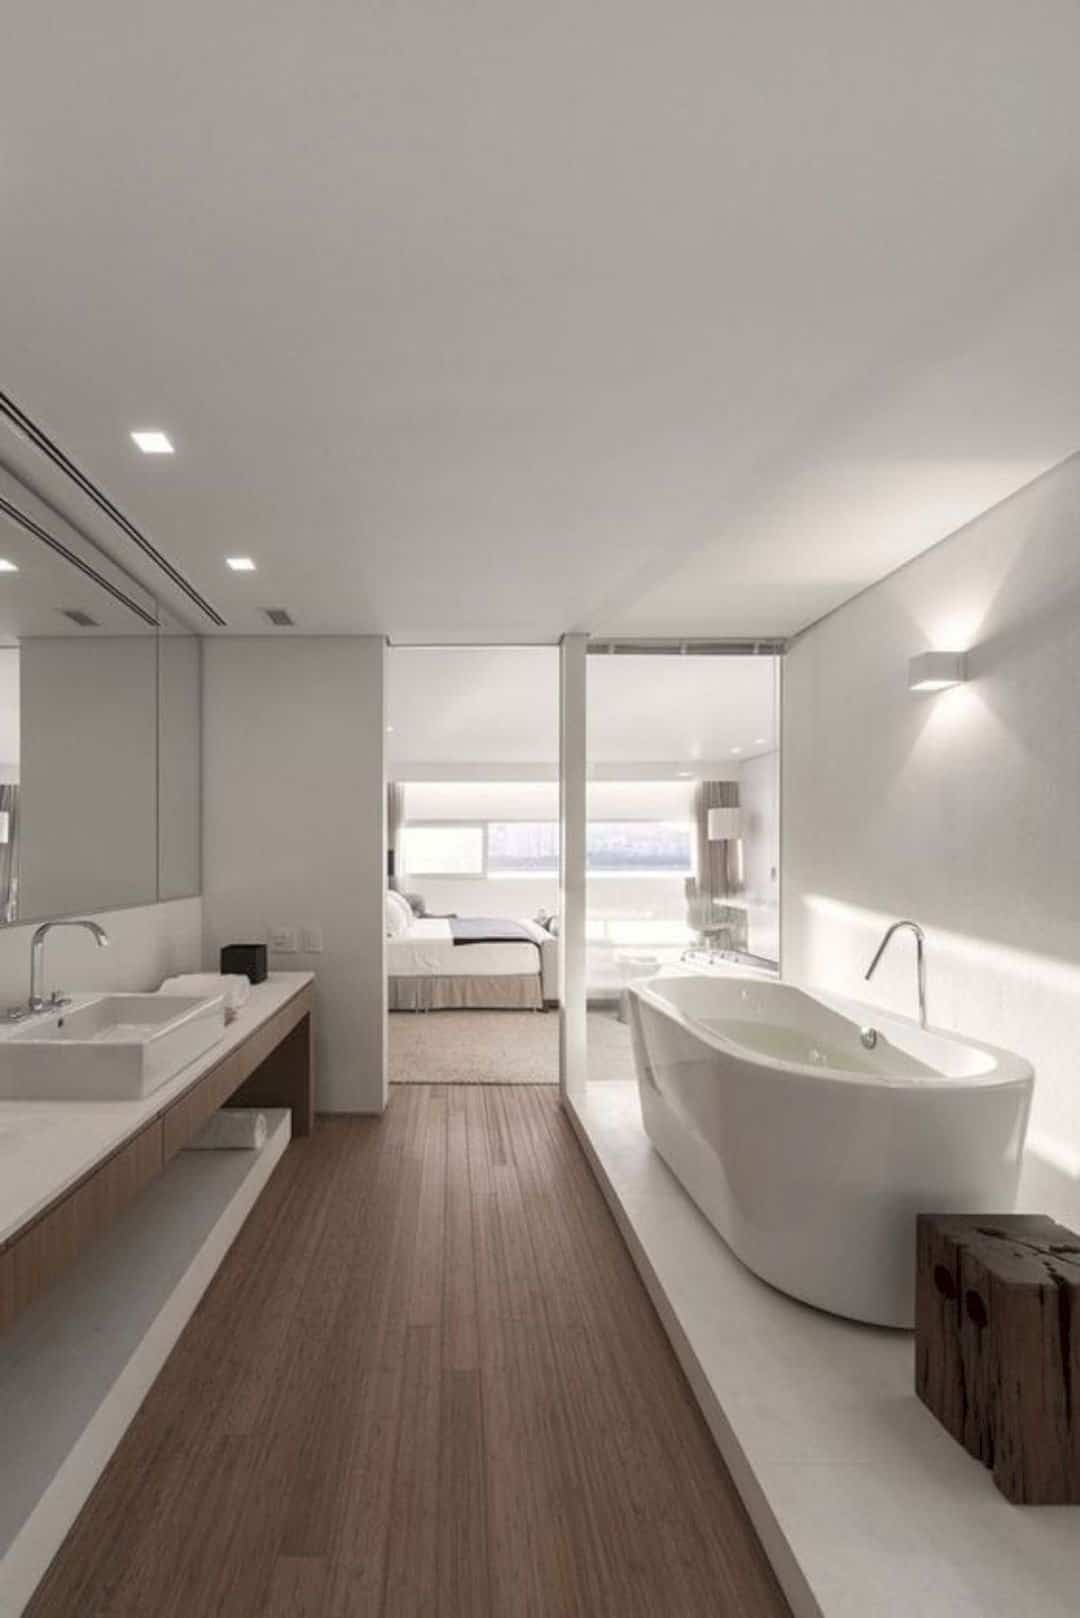 15 Ensuite Bathroom Ideas | Minimalist bathroom design ...